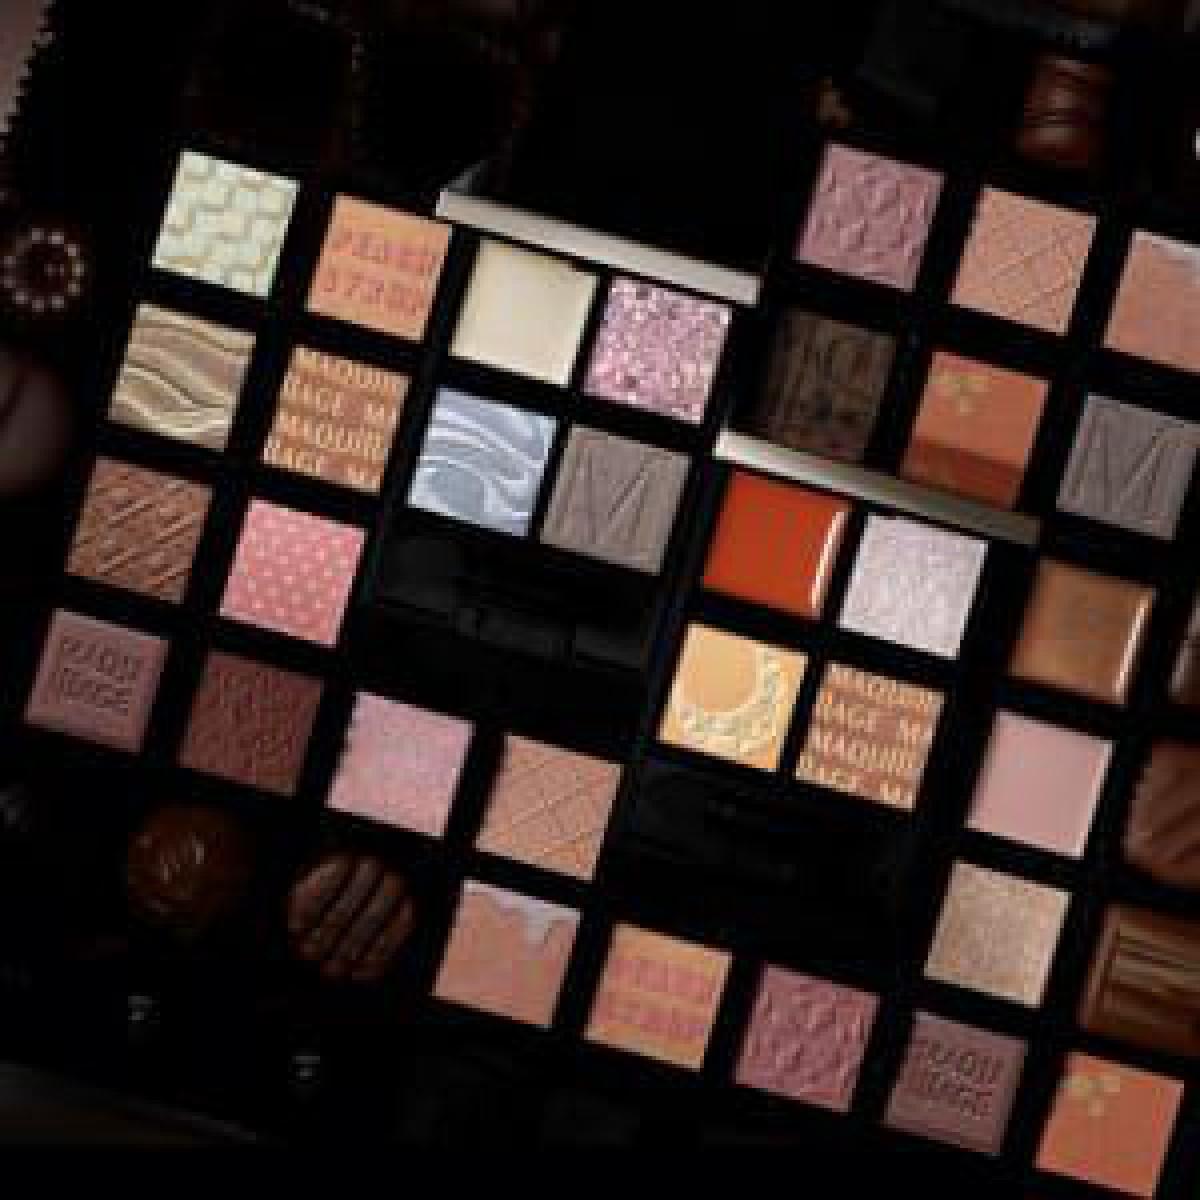 「マキアージュ」がカスタマイズ可能なアイカラー発売、25色をラインナップ